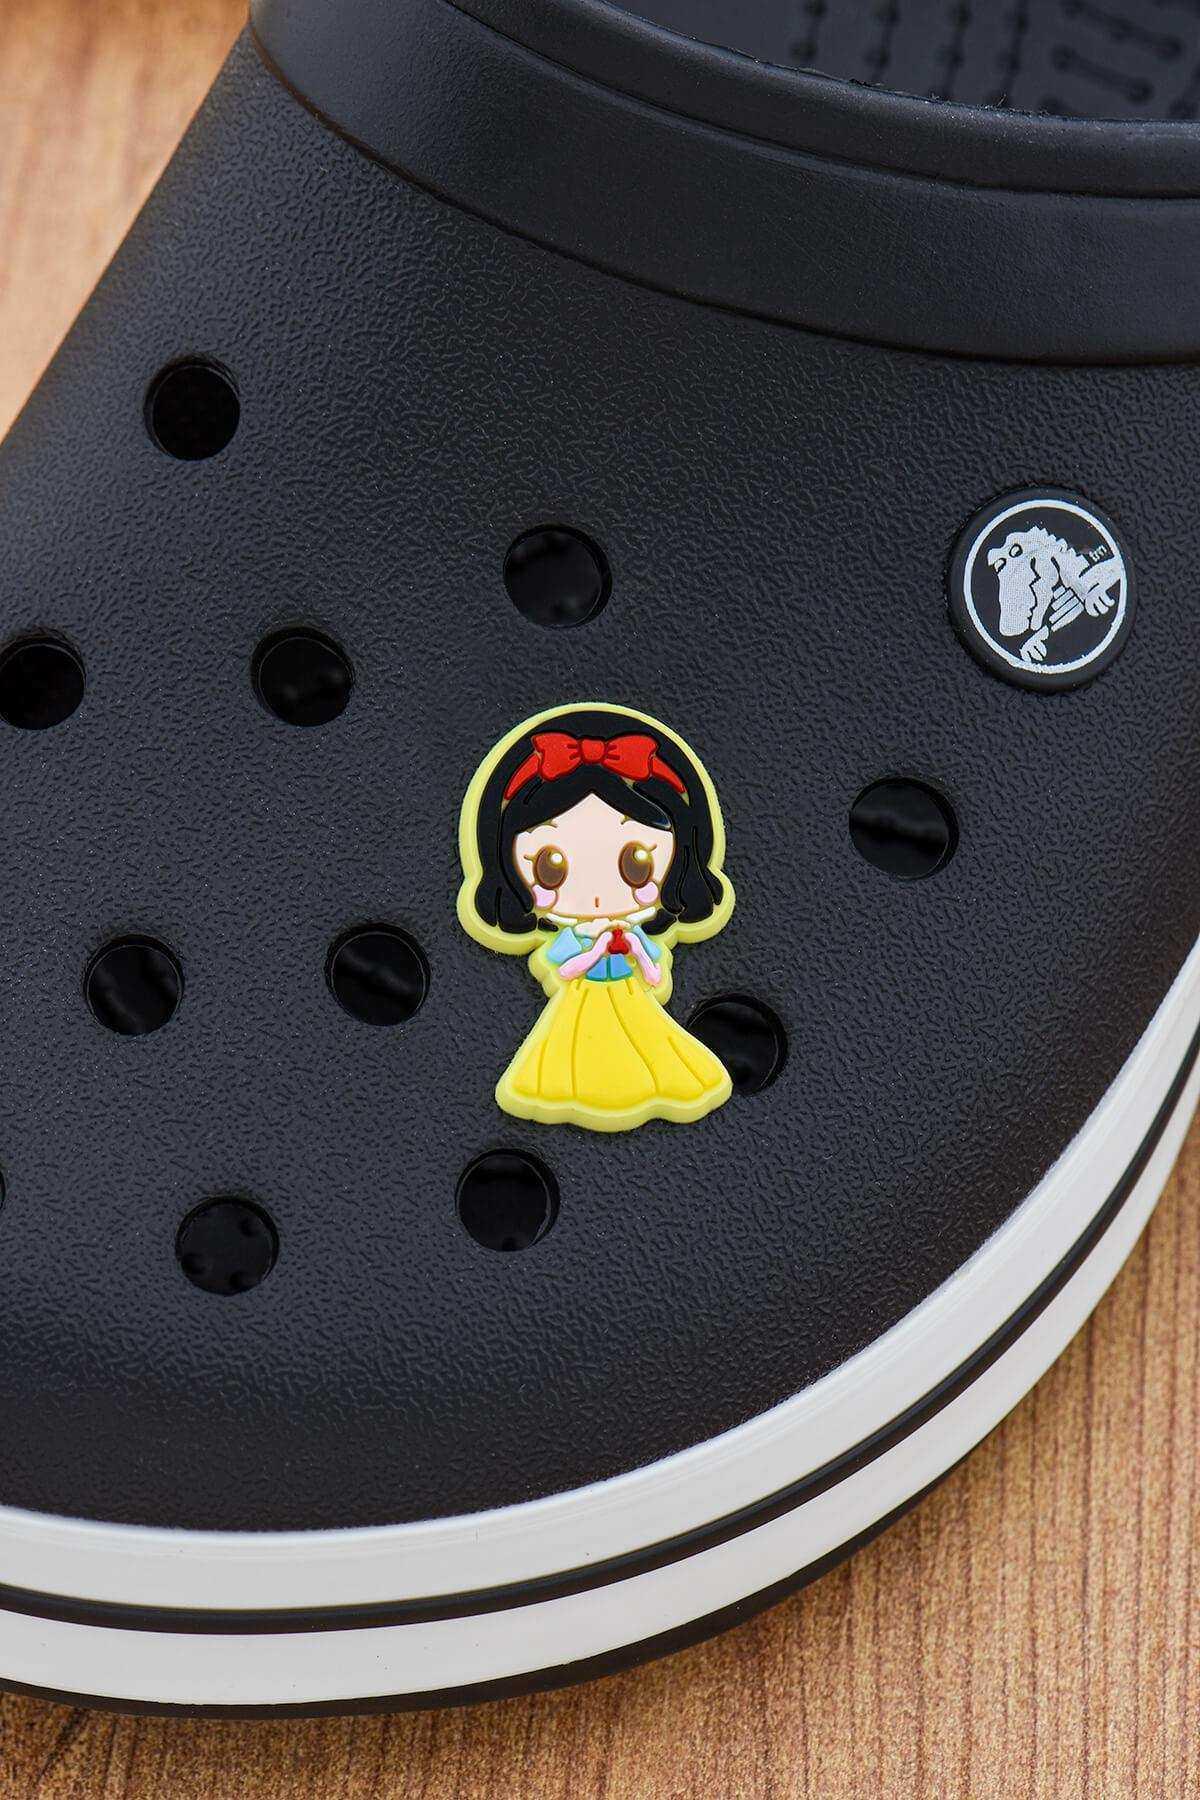 Pamuk Prenses Crocs Süsü Bileklik Terlik Süsü Charm Terlik Aksesuarı - CRS0124